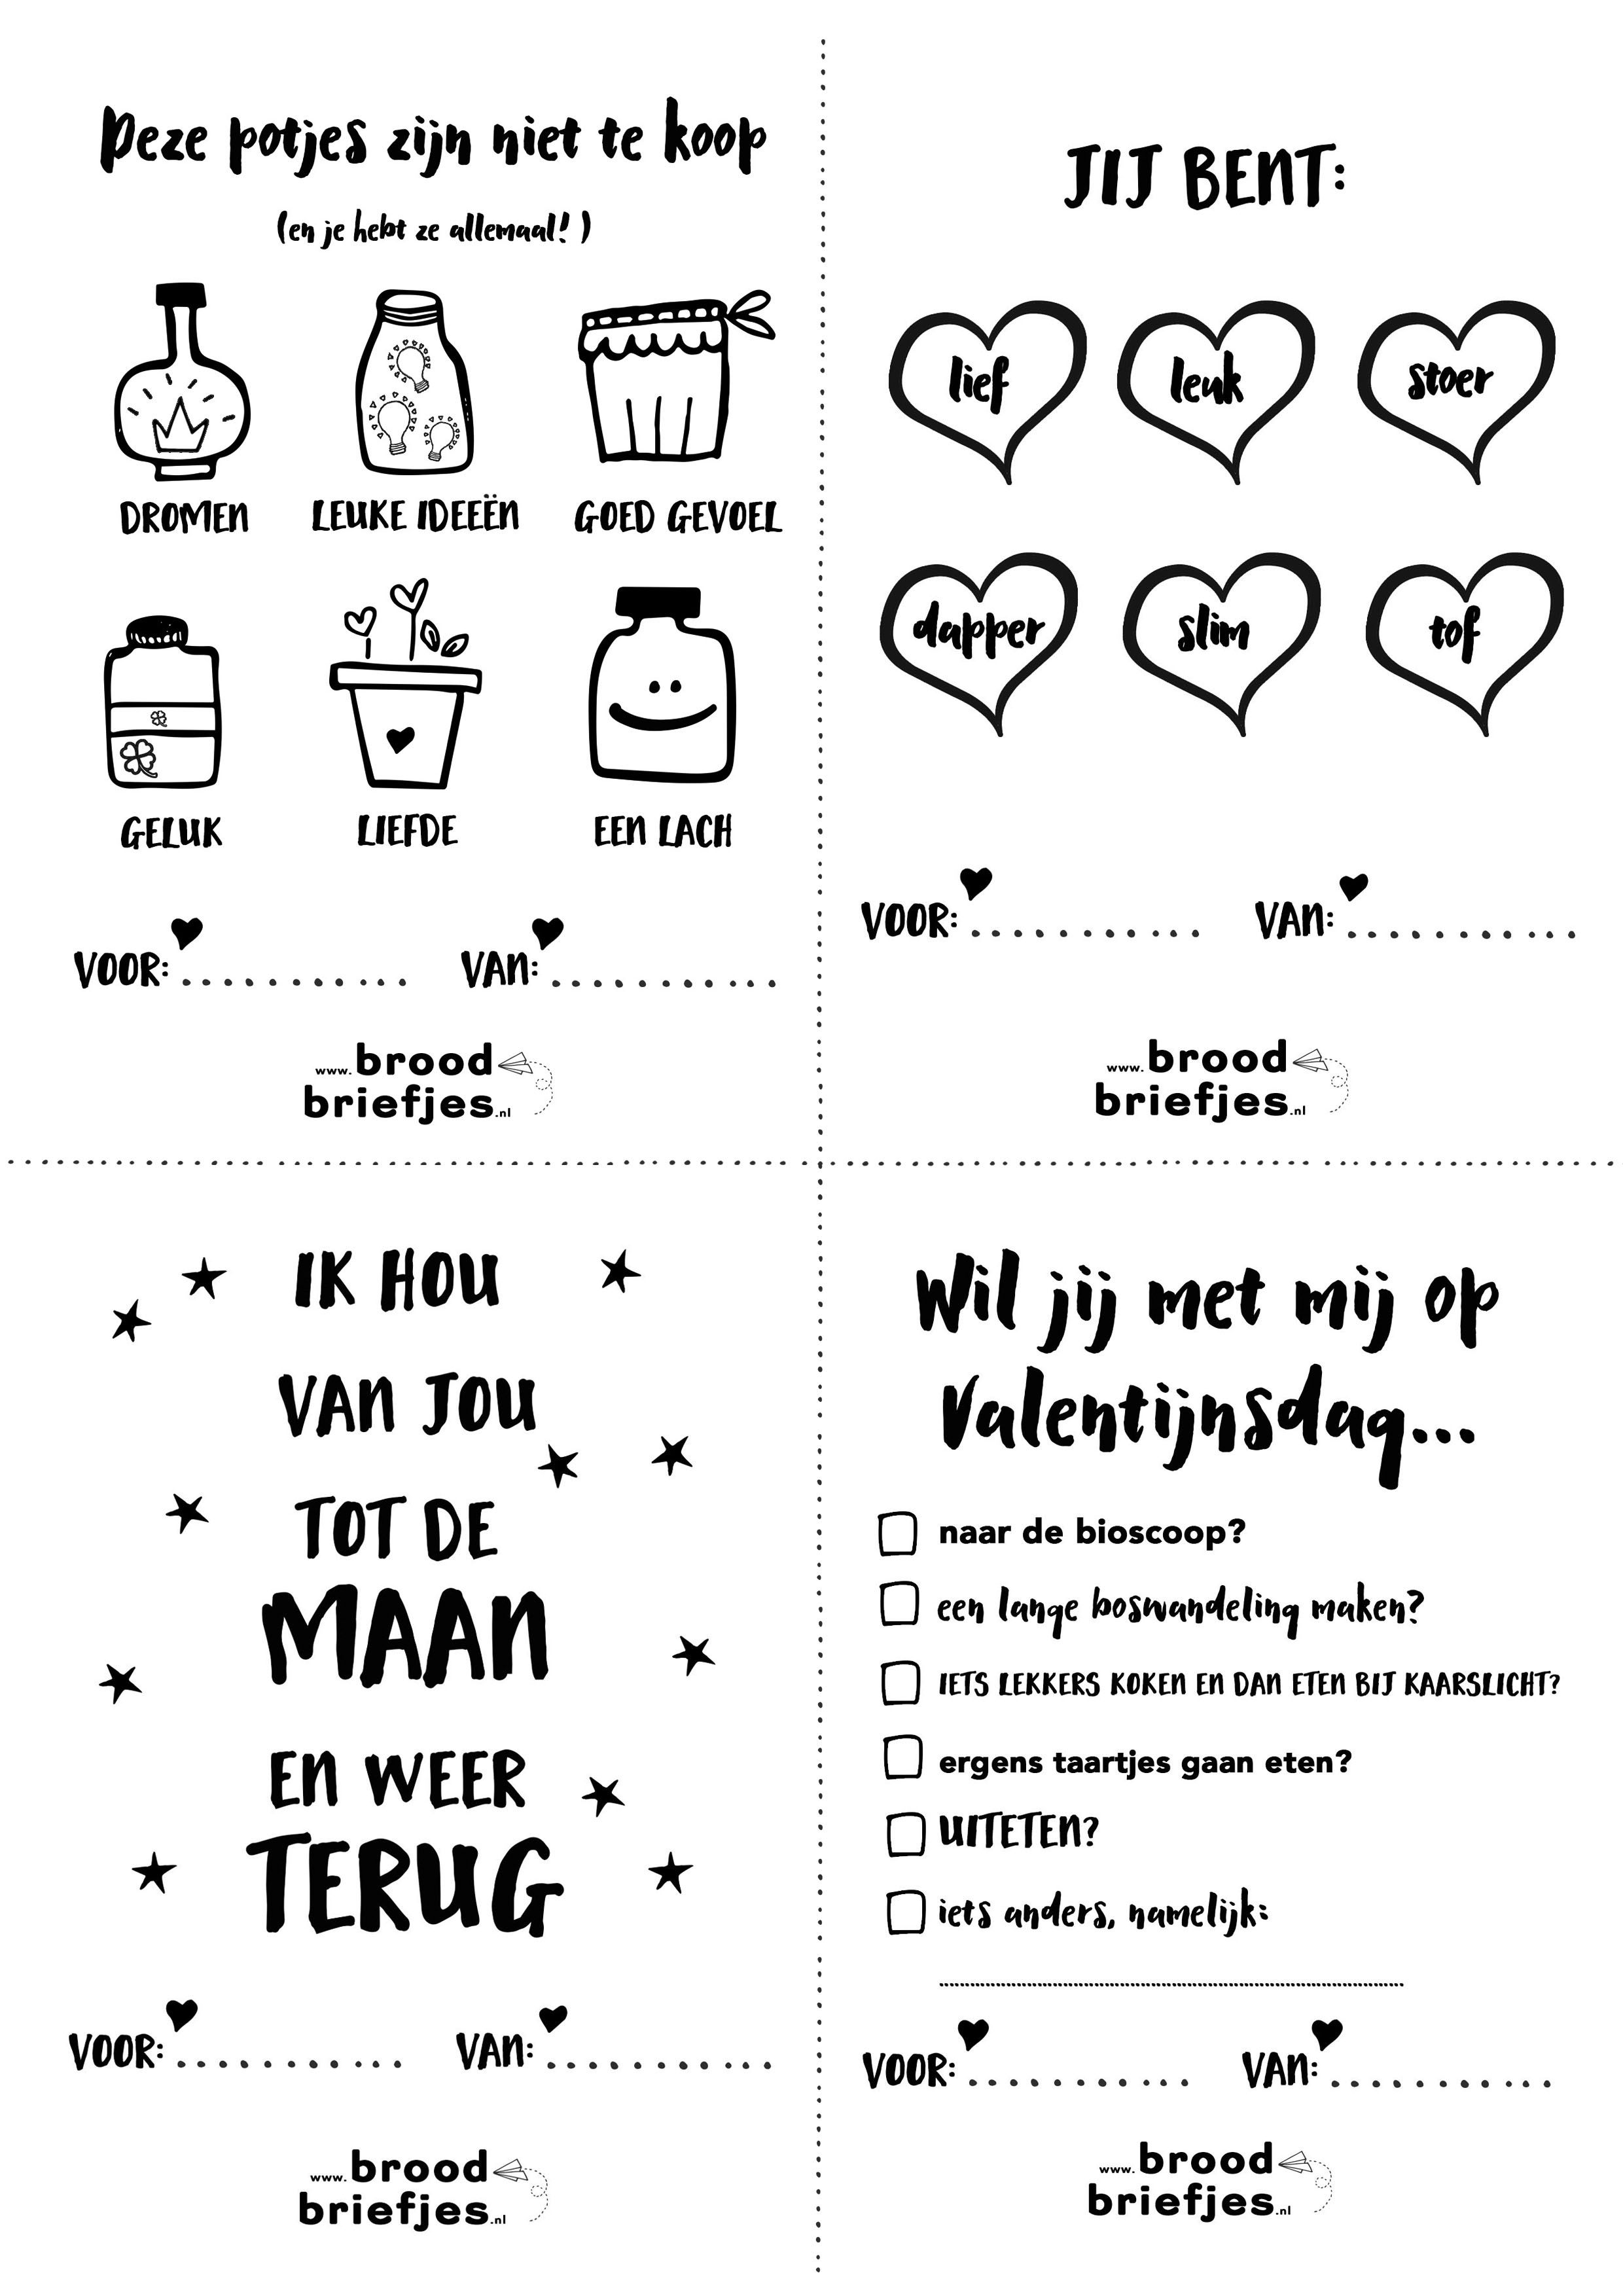 lieve broodbriefjes voor valentijnsdag of zomaar